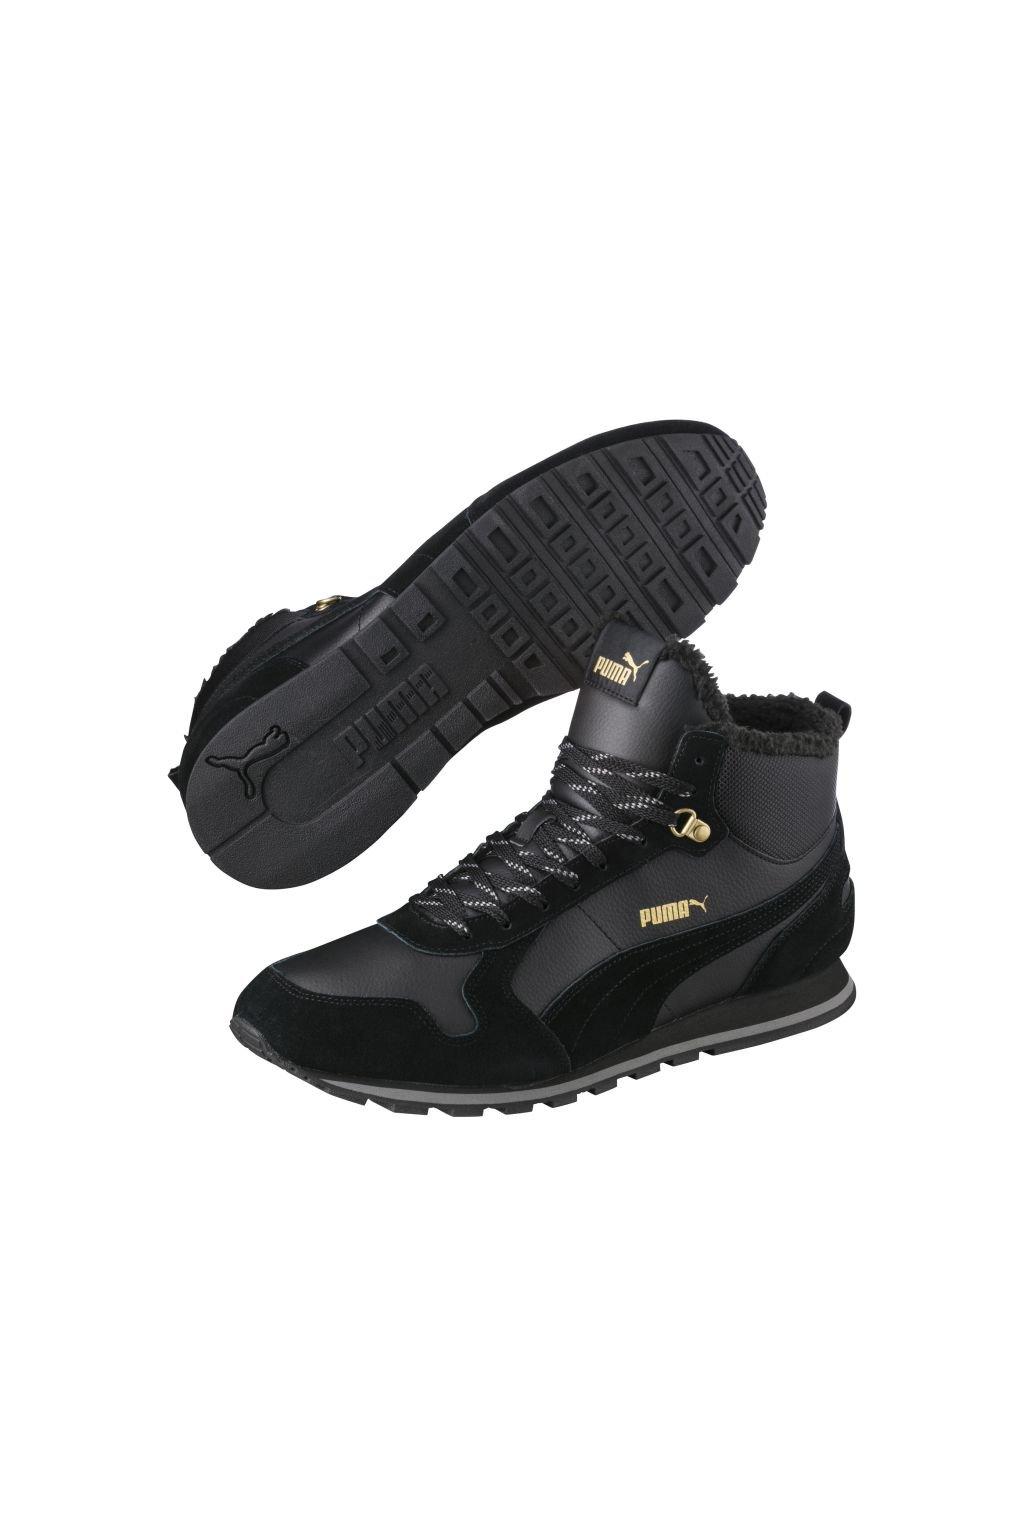 cd4e8eb280bf PUMA ST RUNNER pánske zateplené bežecké boty 365102-01 - Fresh sport